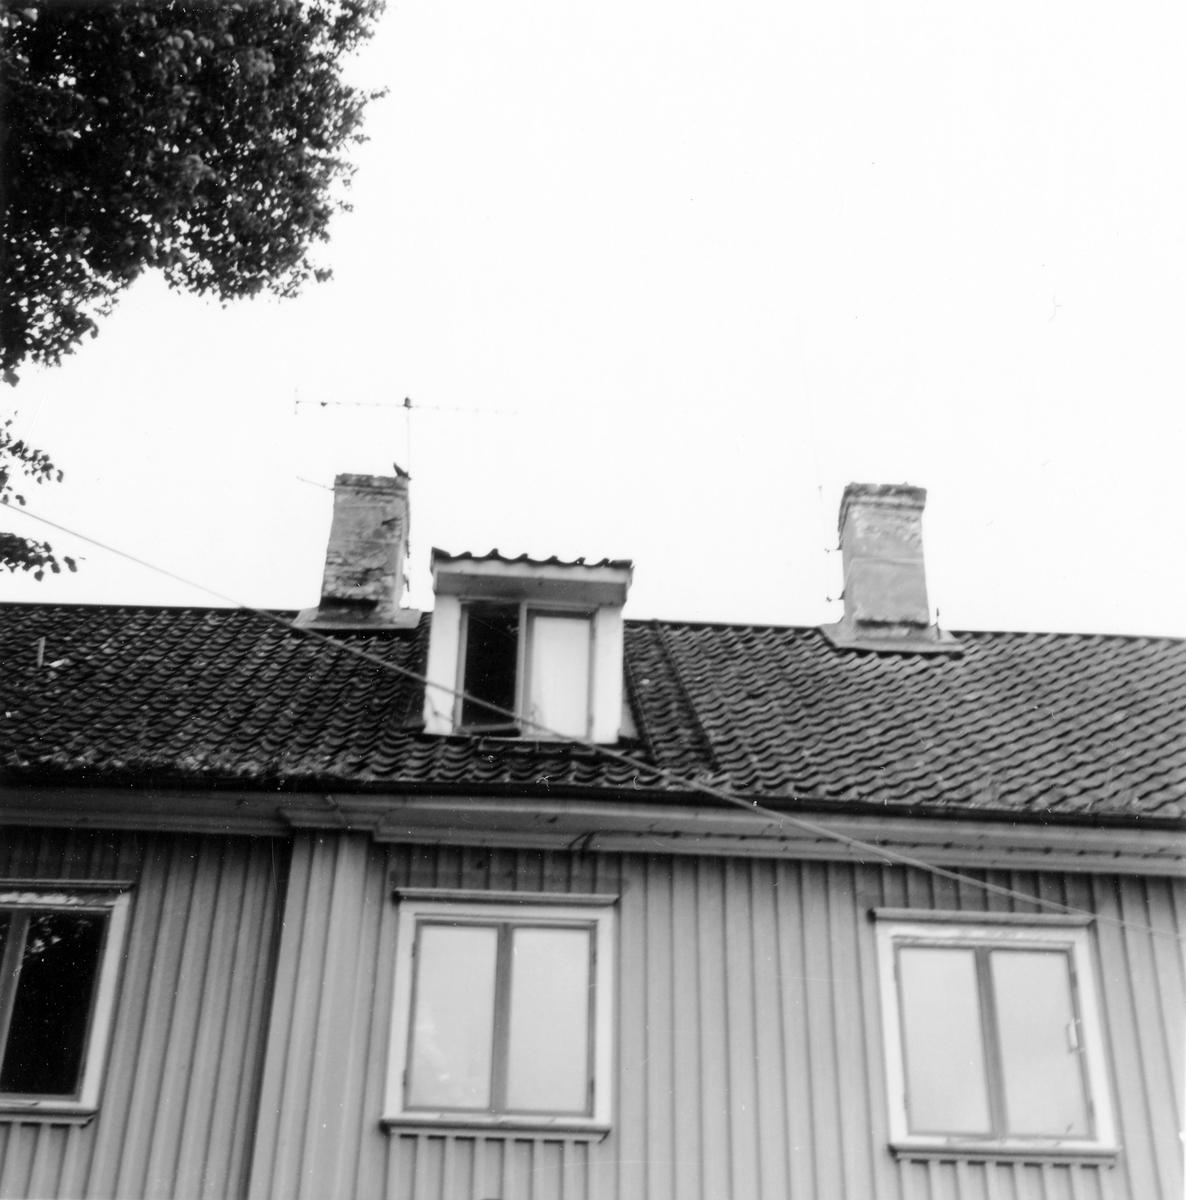 Gamla tingshuset. Hörnet av Plangatan och Östra Vattugränd i kvarteret Spinnaren.